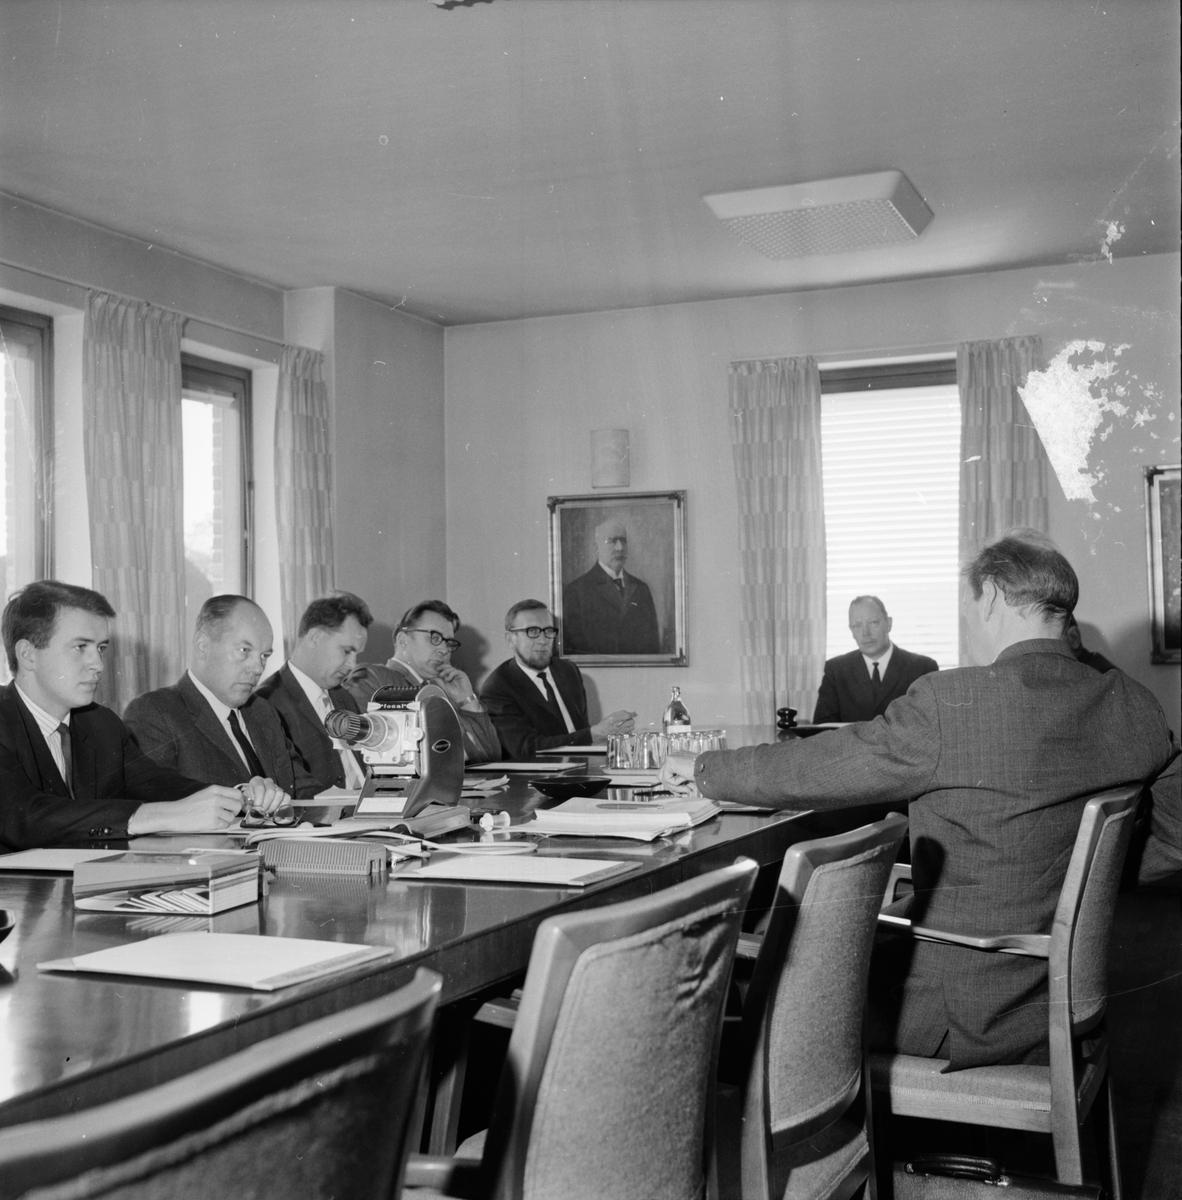 Tillhagen Carl-Herman, zigenare, i Bollnäs, 6 Okt 1964